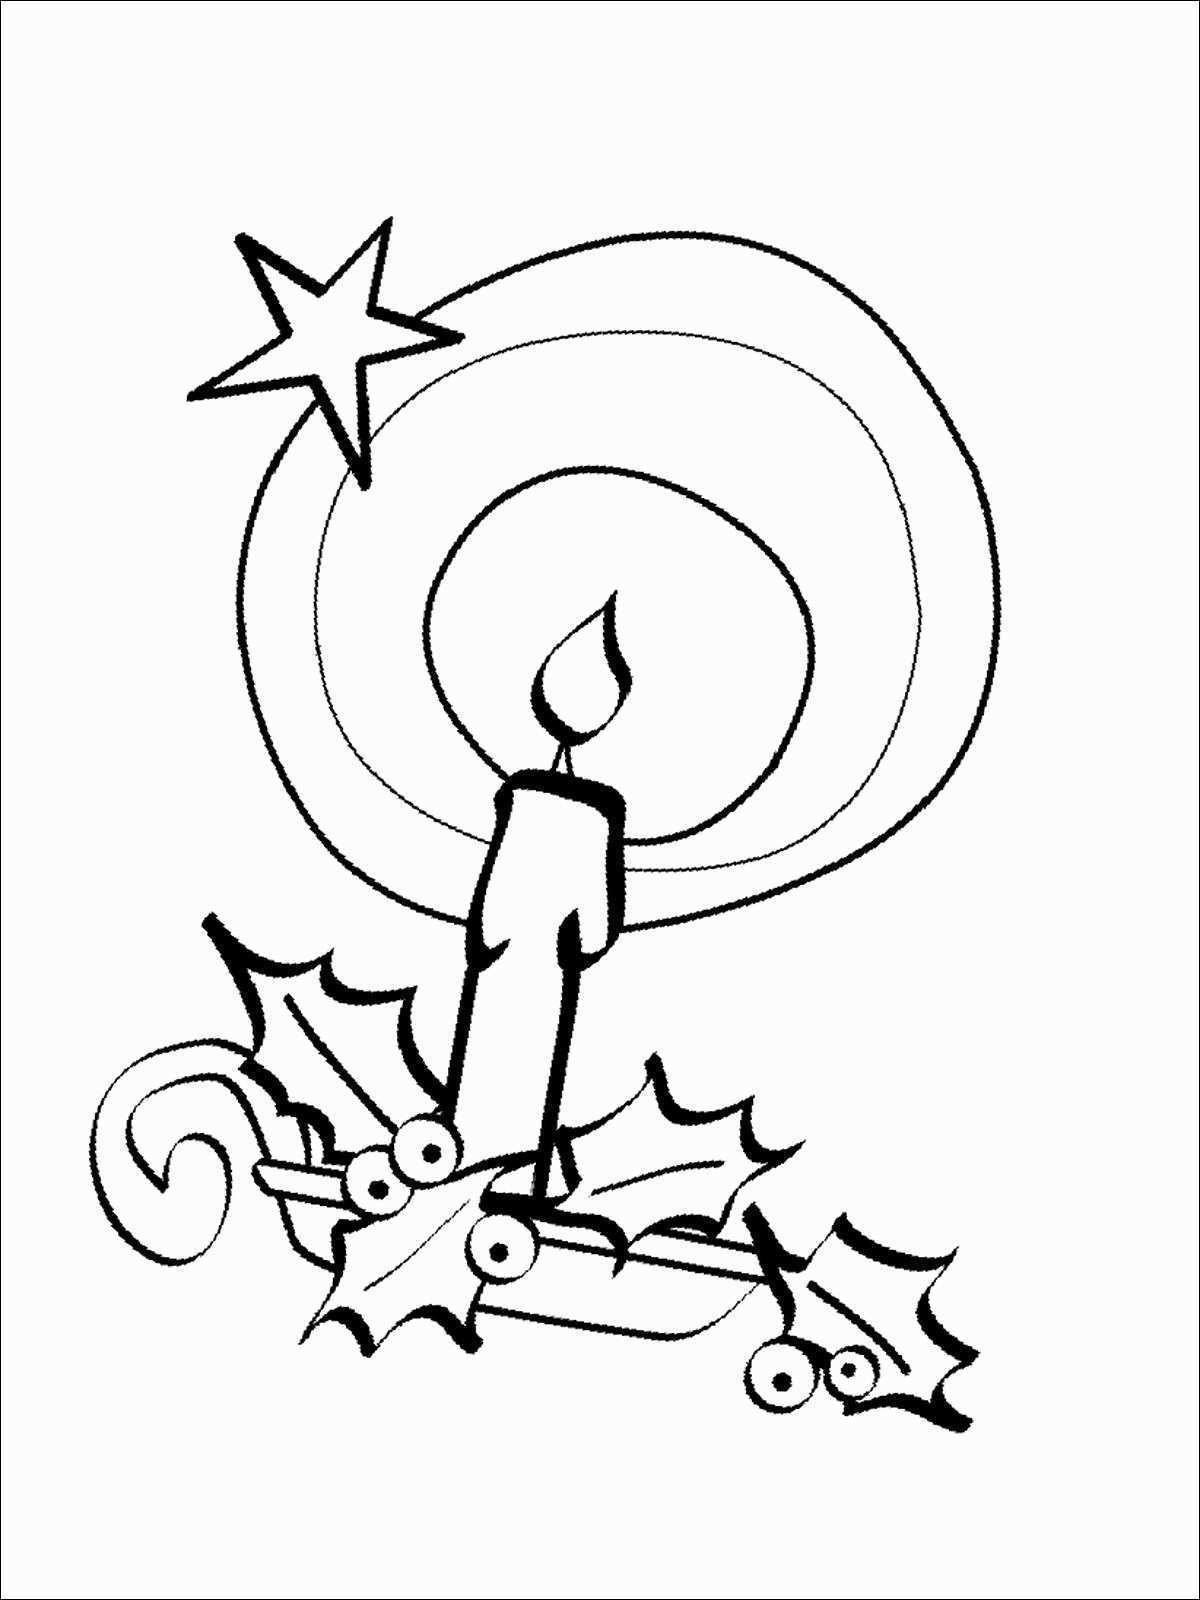 Anspruchsvolle Mandalas Zum Ausdrucken Frisch Bilder Zum Ausdrucken Weihnachten Abbild – Ausmalbilder Ideen Bilder